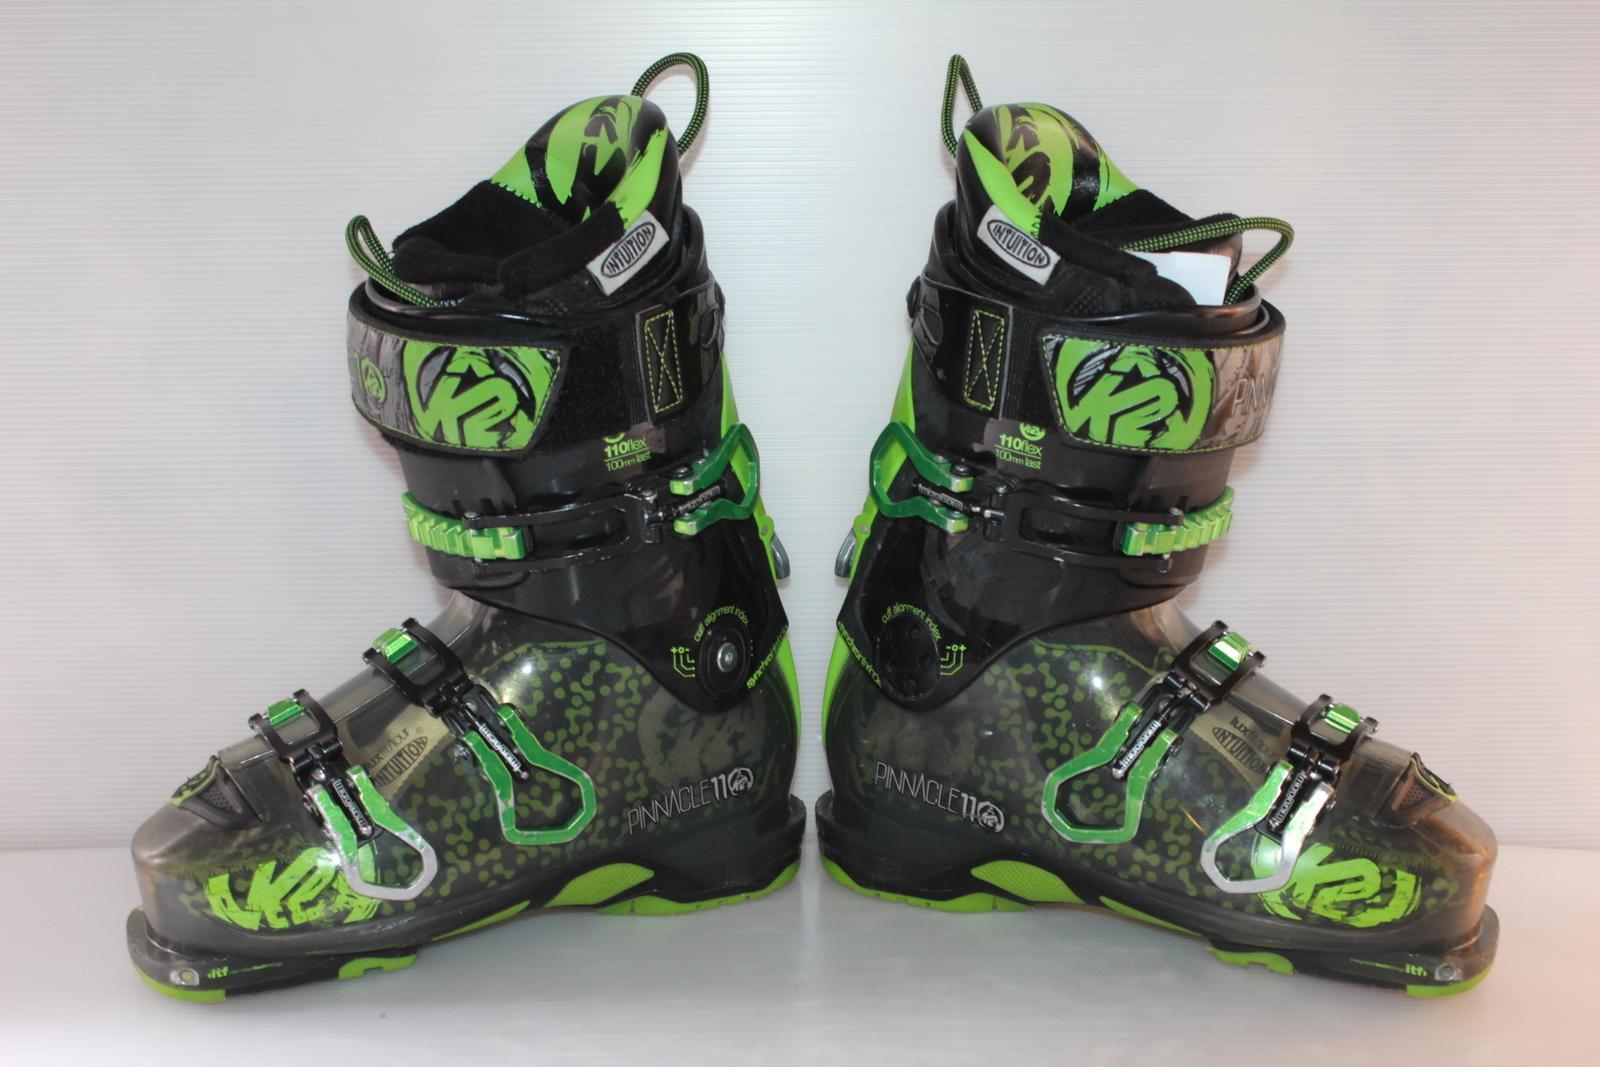 Skialpové boty K2 Pinnacle - skialp vel. EU40 flexe 110